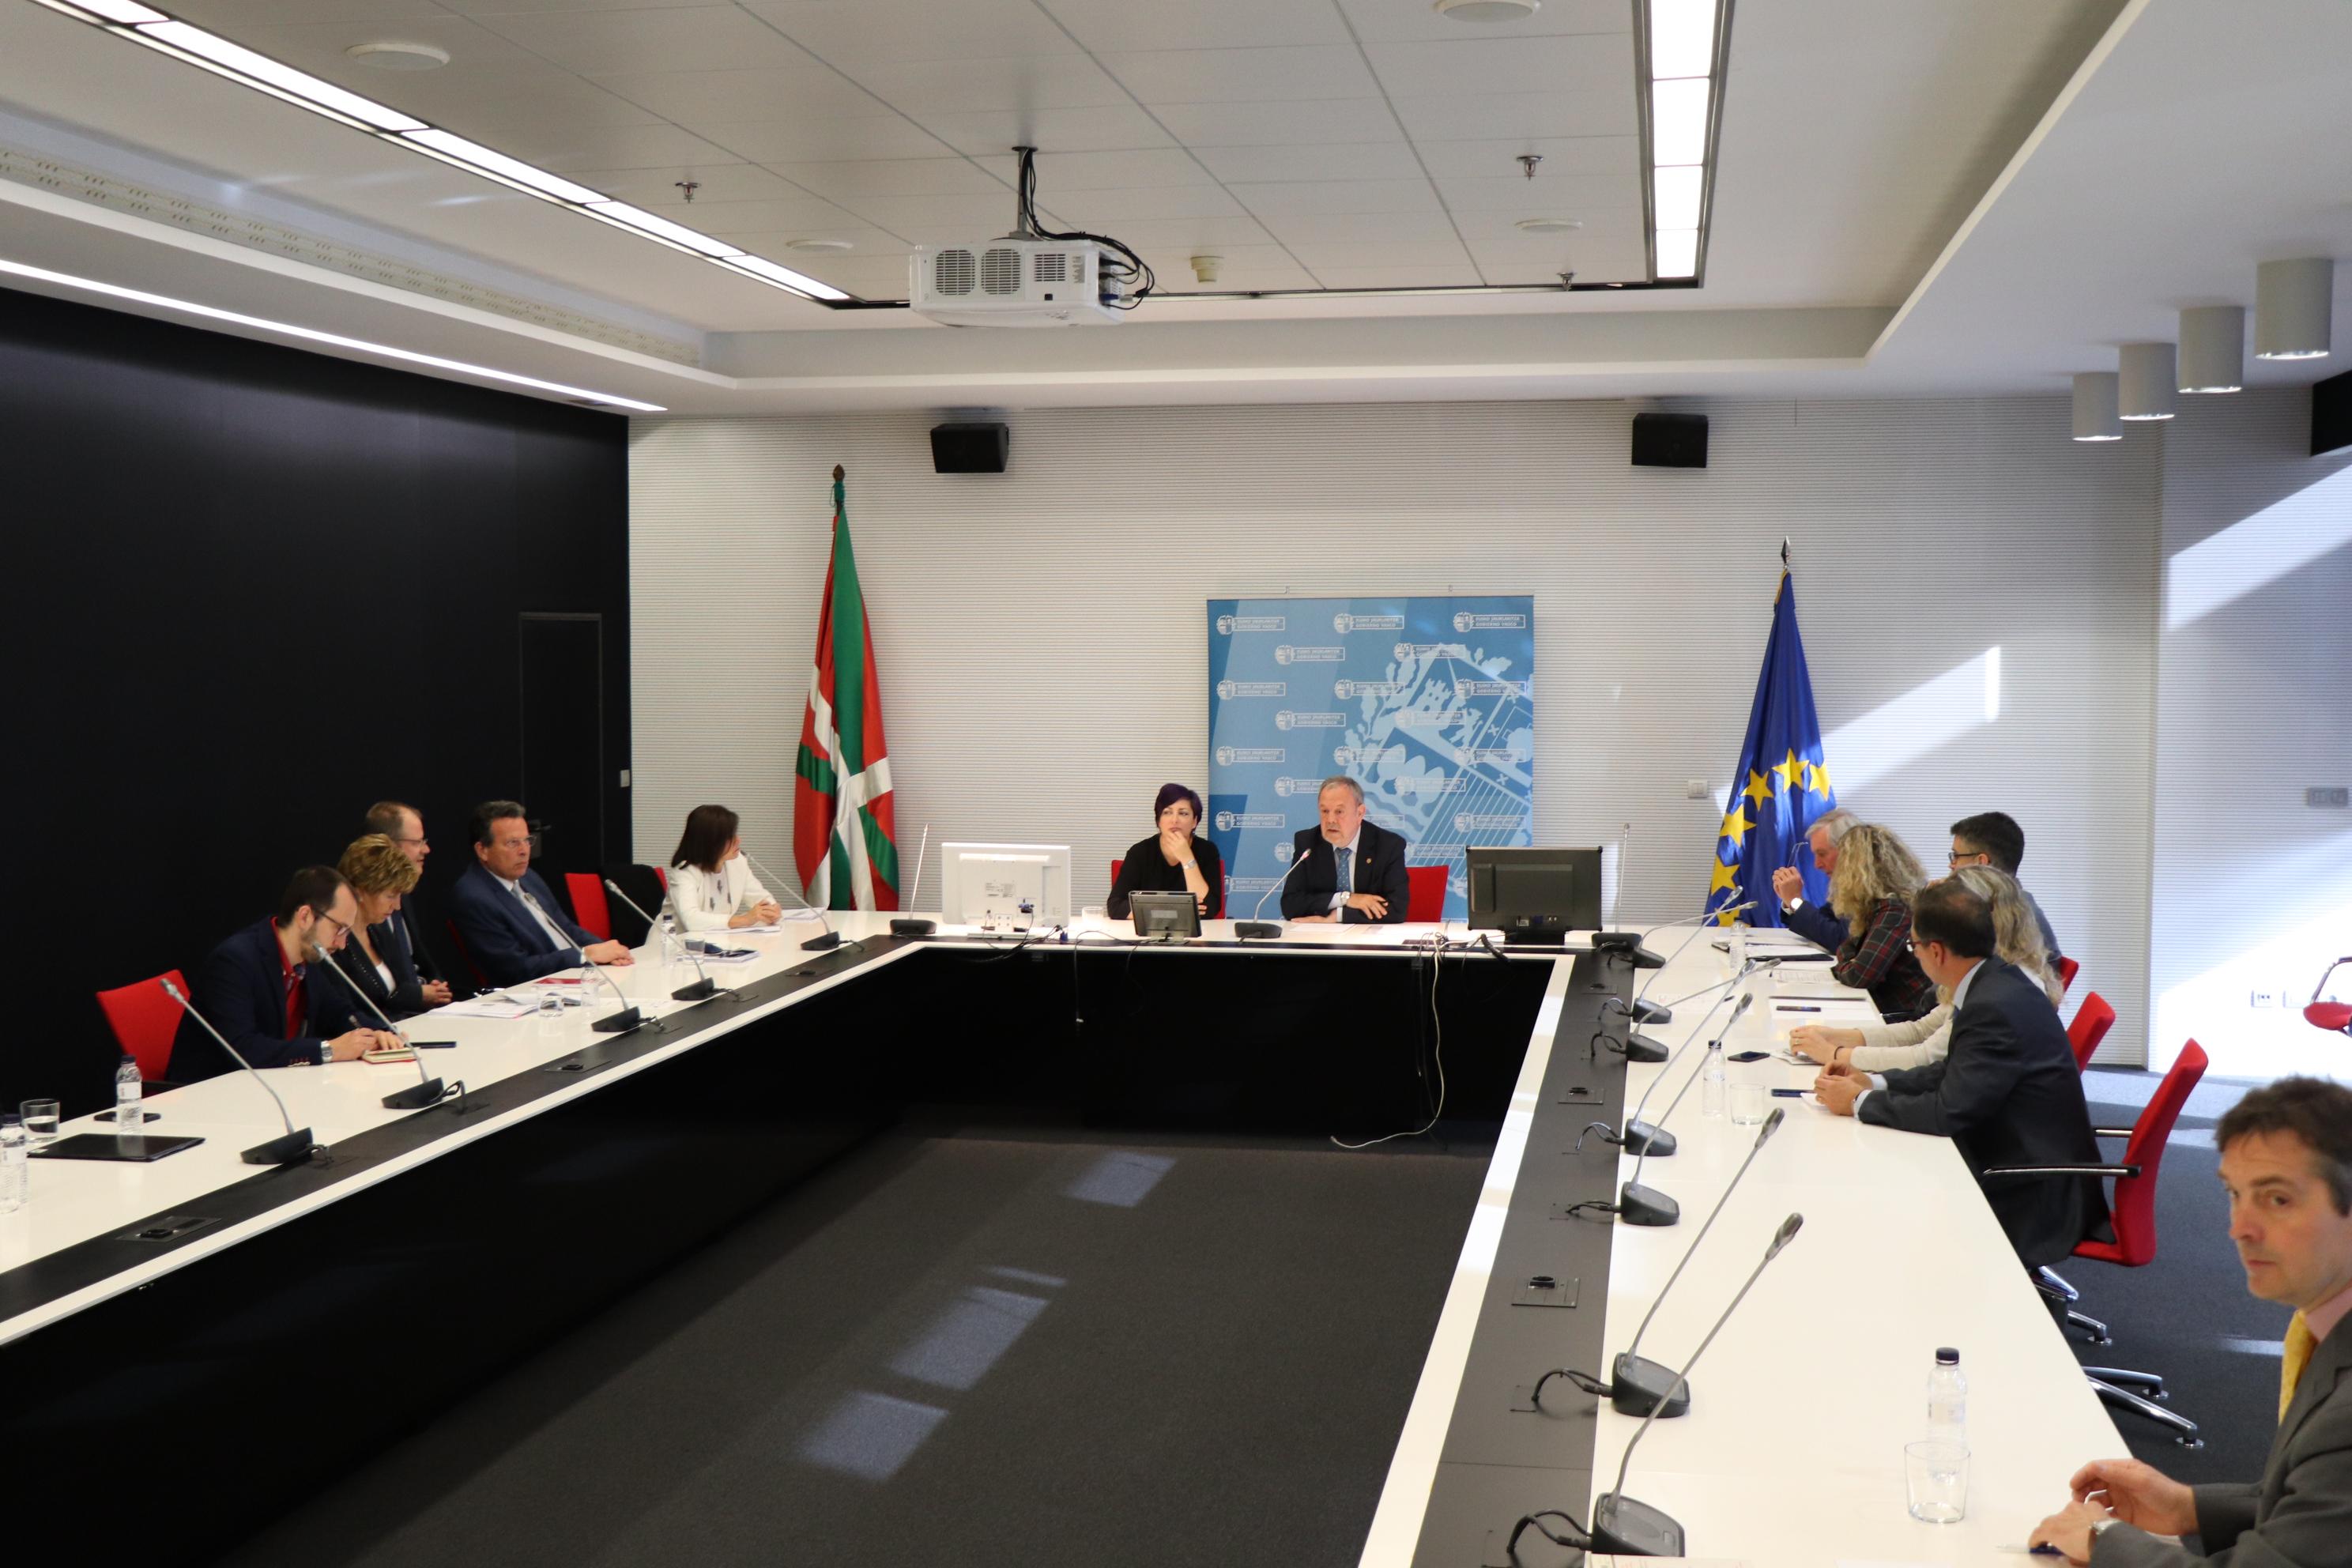 azpiazu_arriola_parlamento_europeo_01.jpg